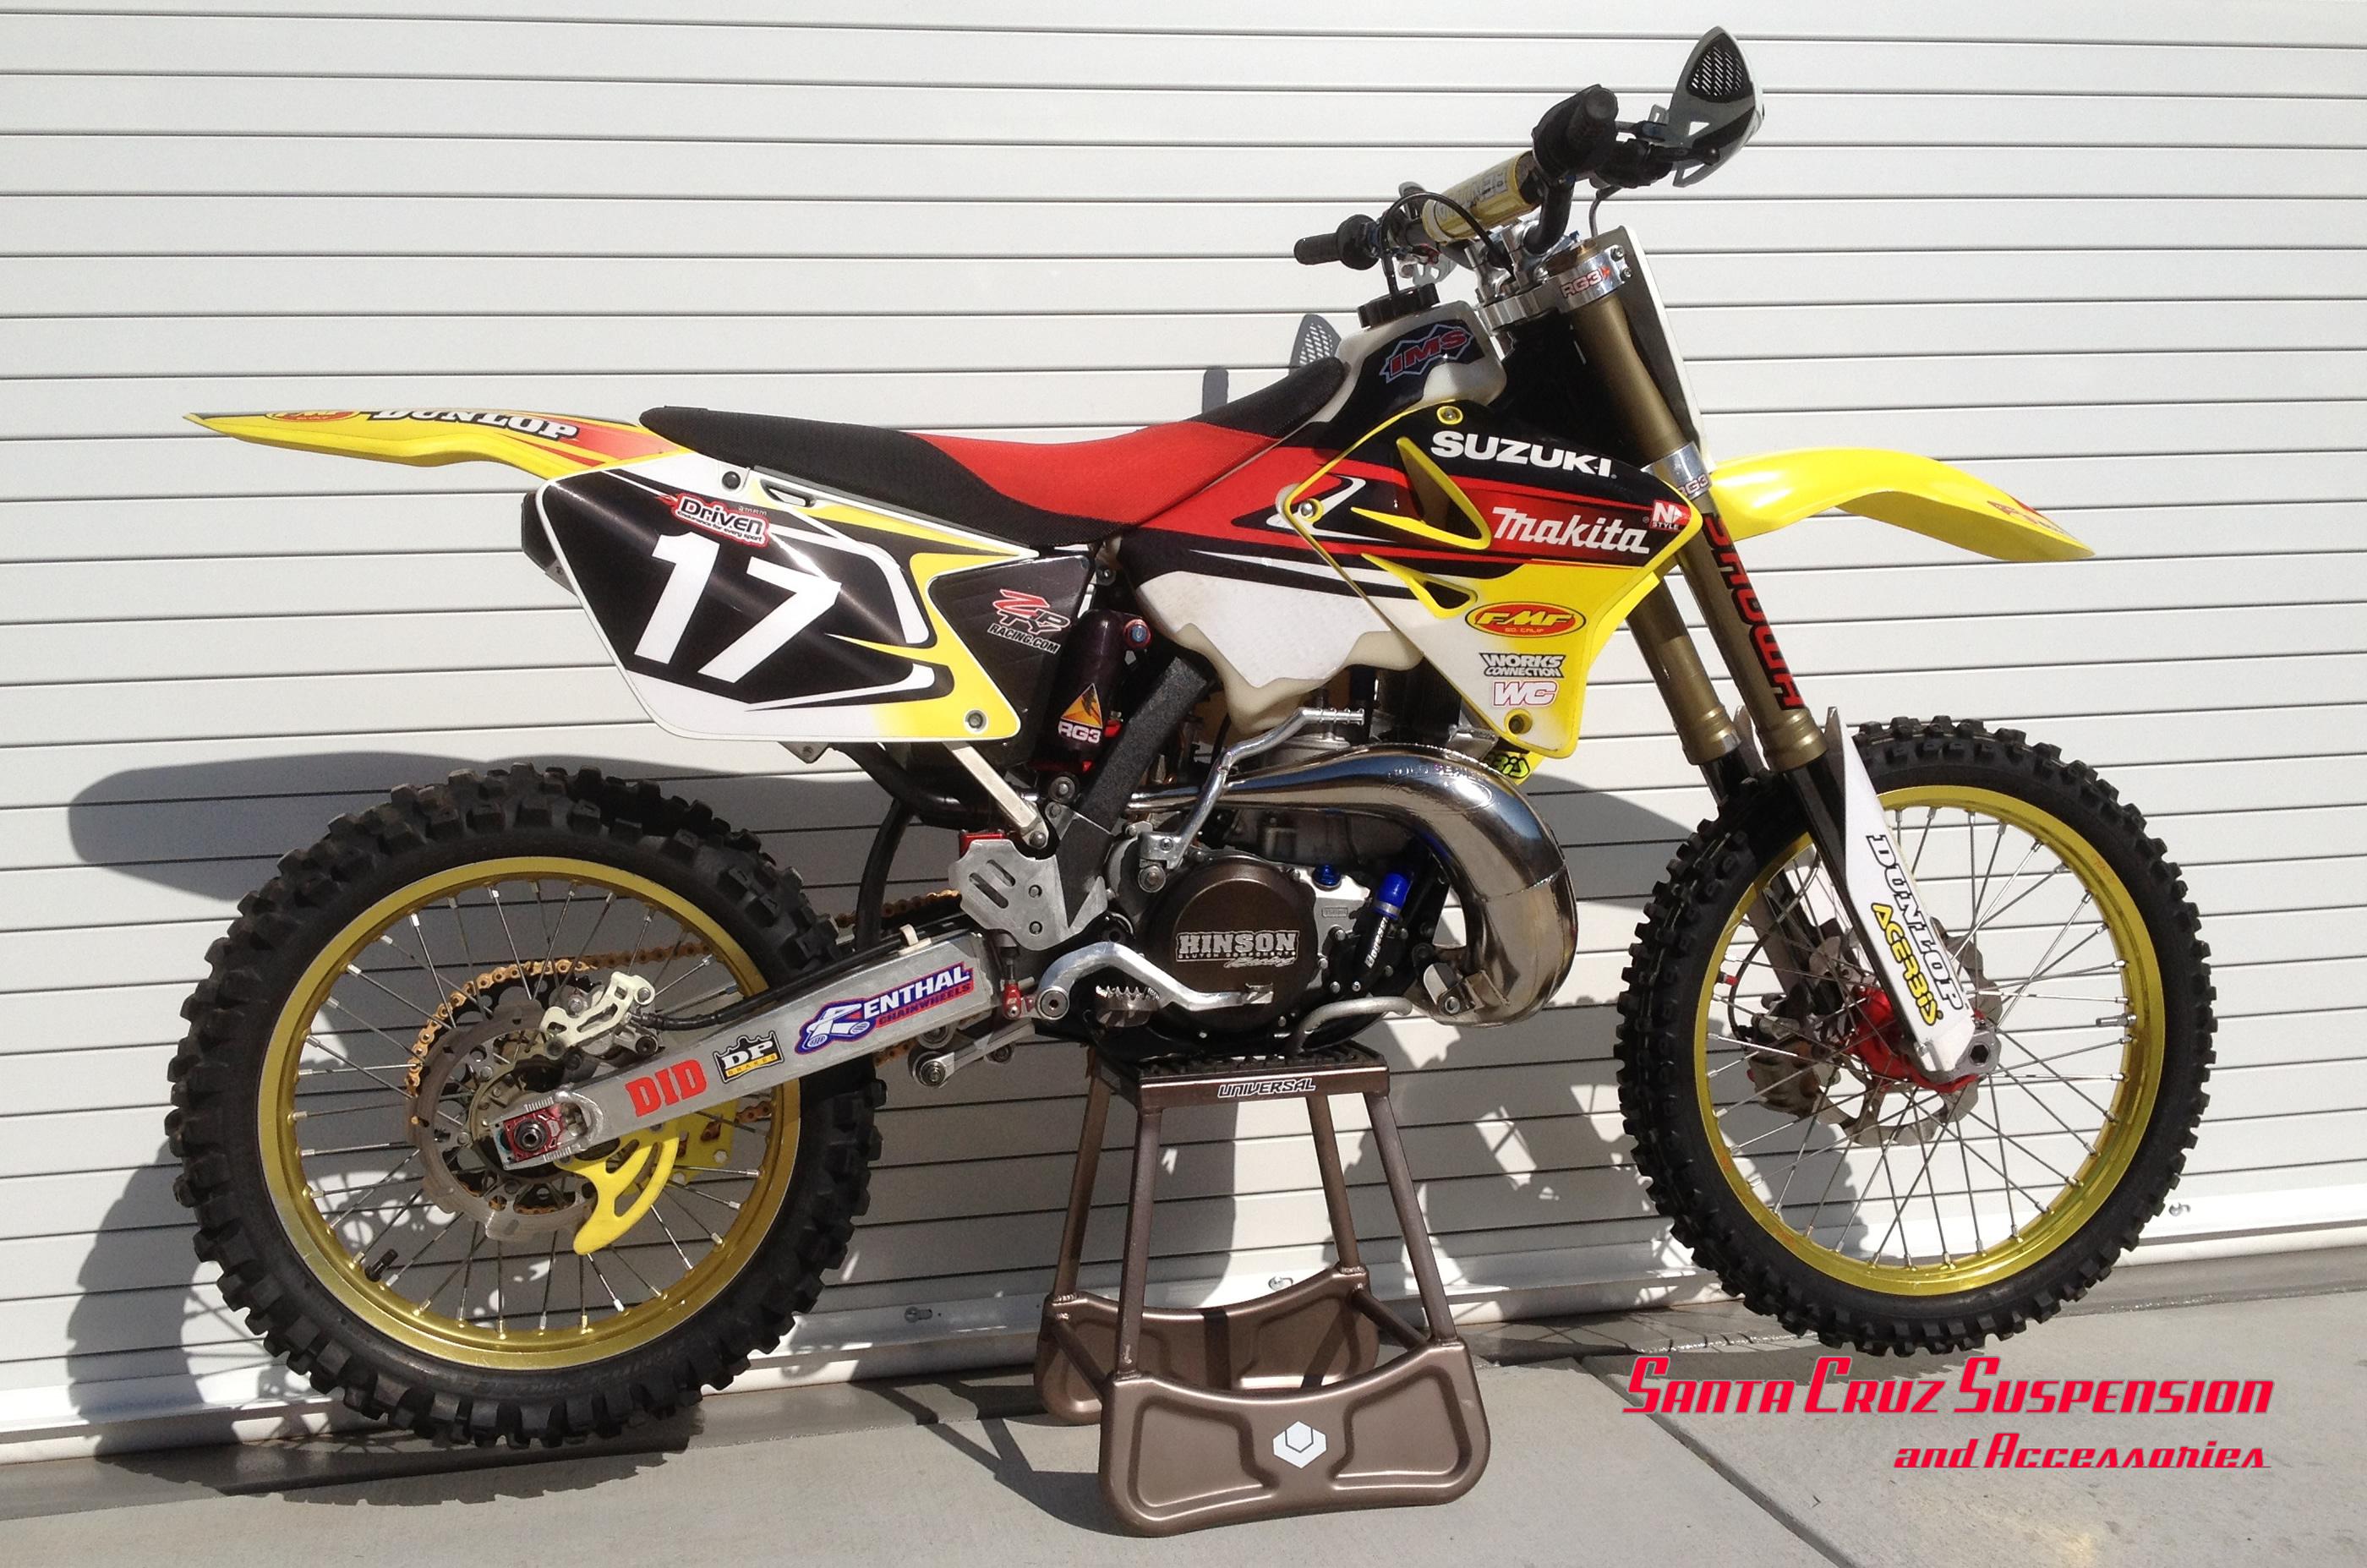 2006 rm250 suzuki